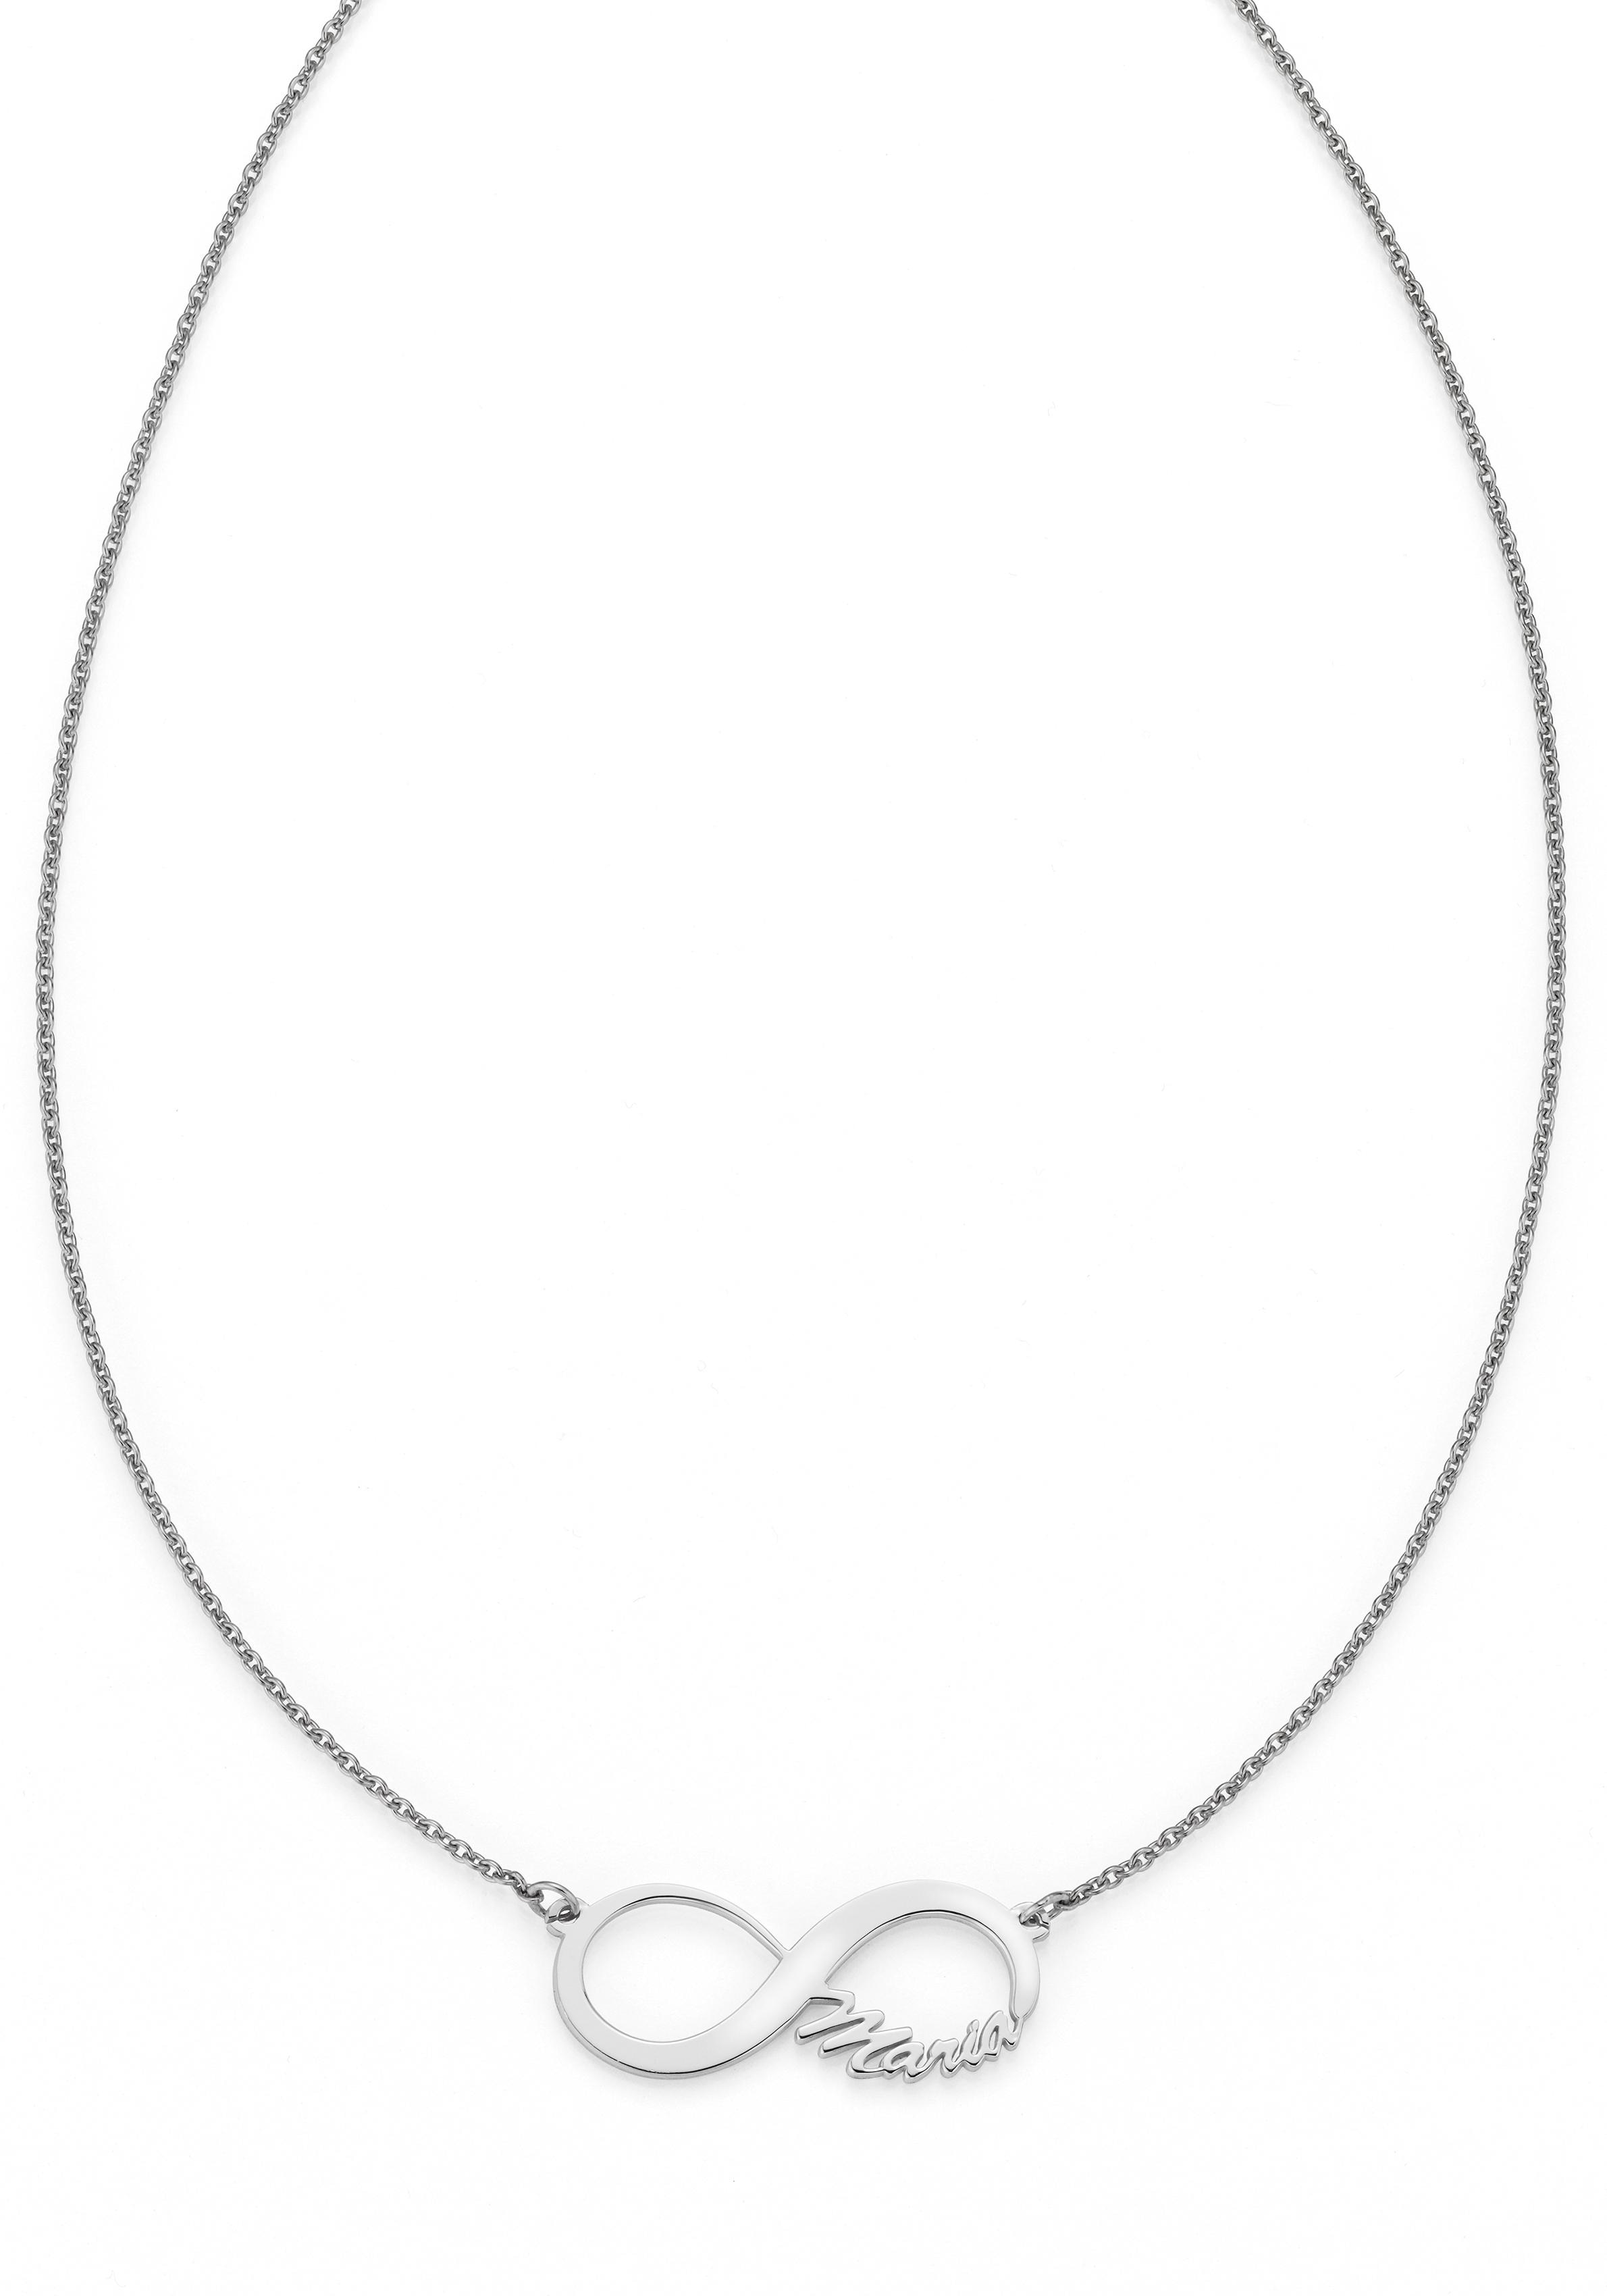 Firetti Namenskette Infinity Unendlichkeitsschleife - Namen nach Wahl gestalten gestalten | Schmuck > Halsketten > Namensketten | Firetti